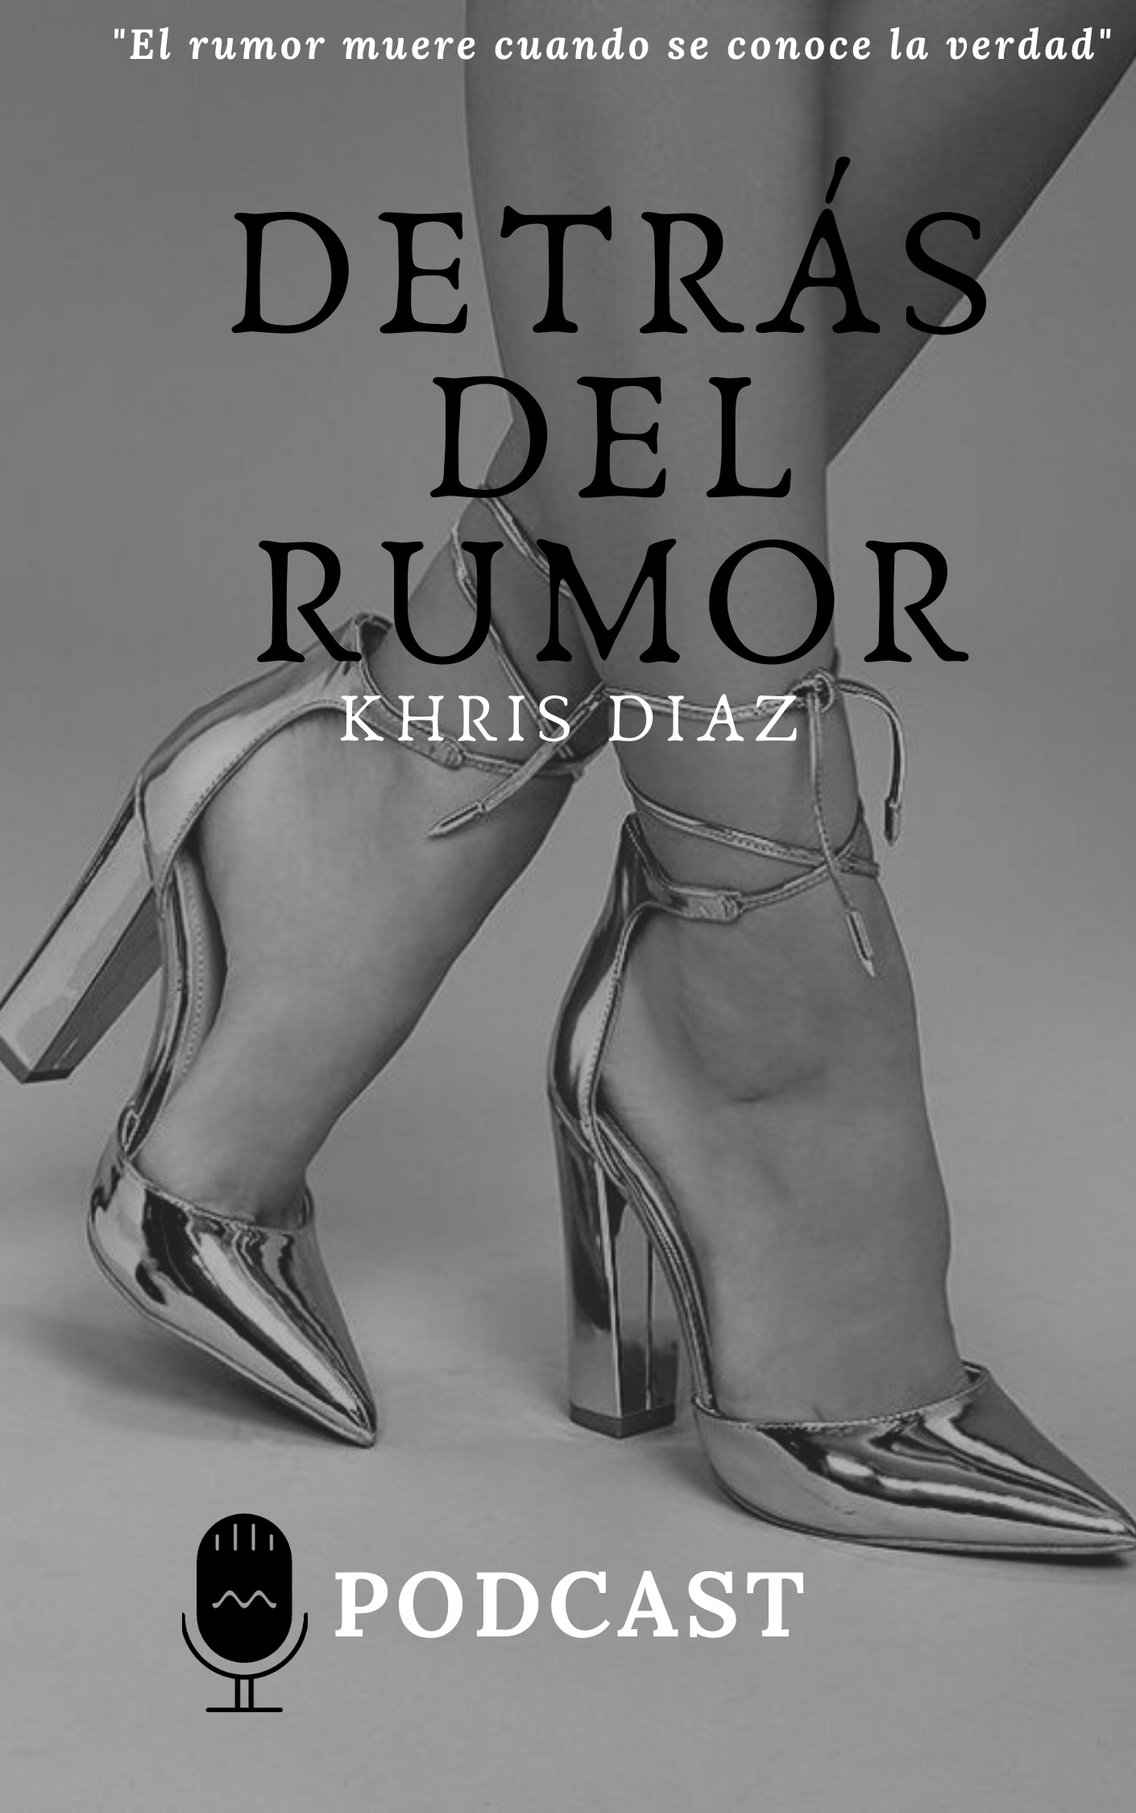 Detrás del rumor - Cover Image